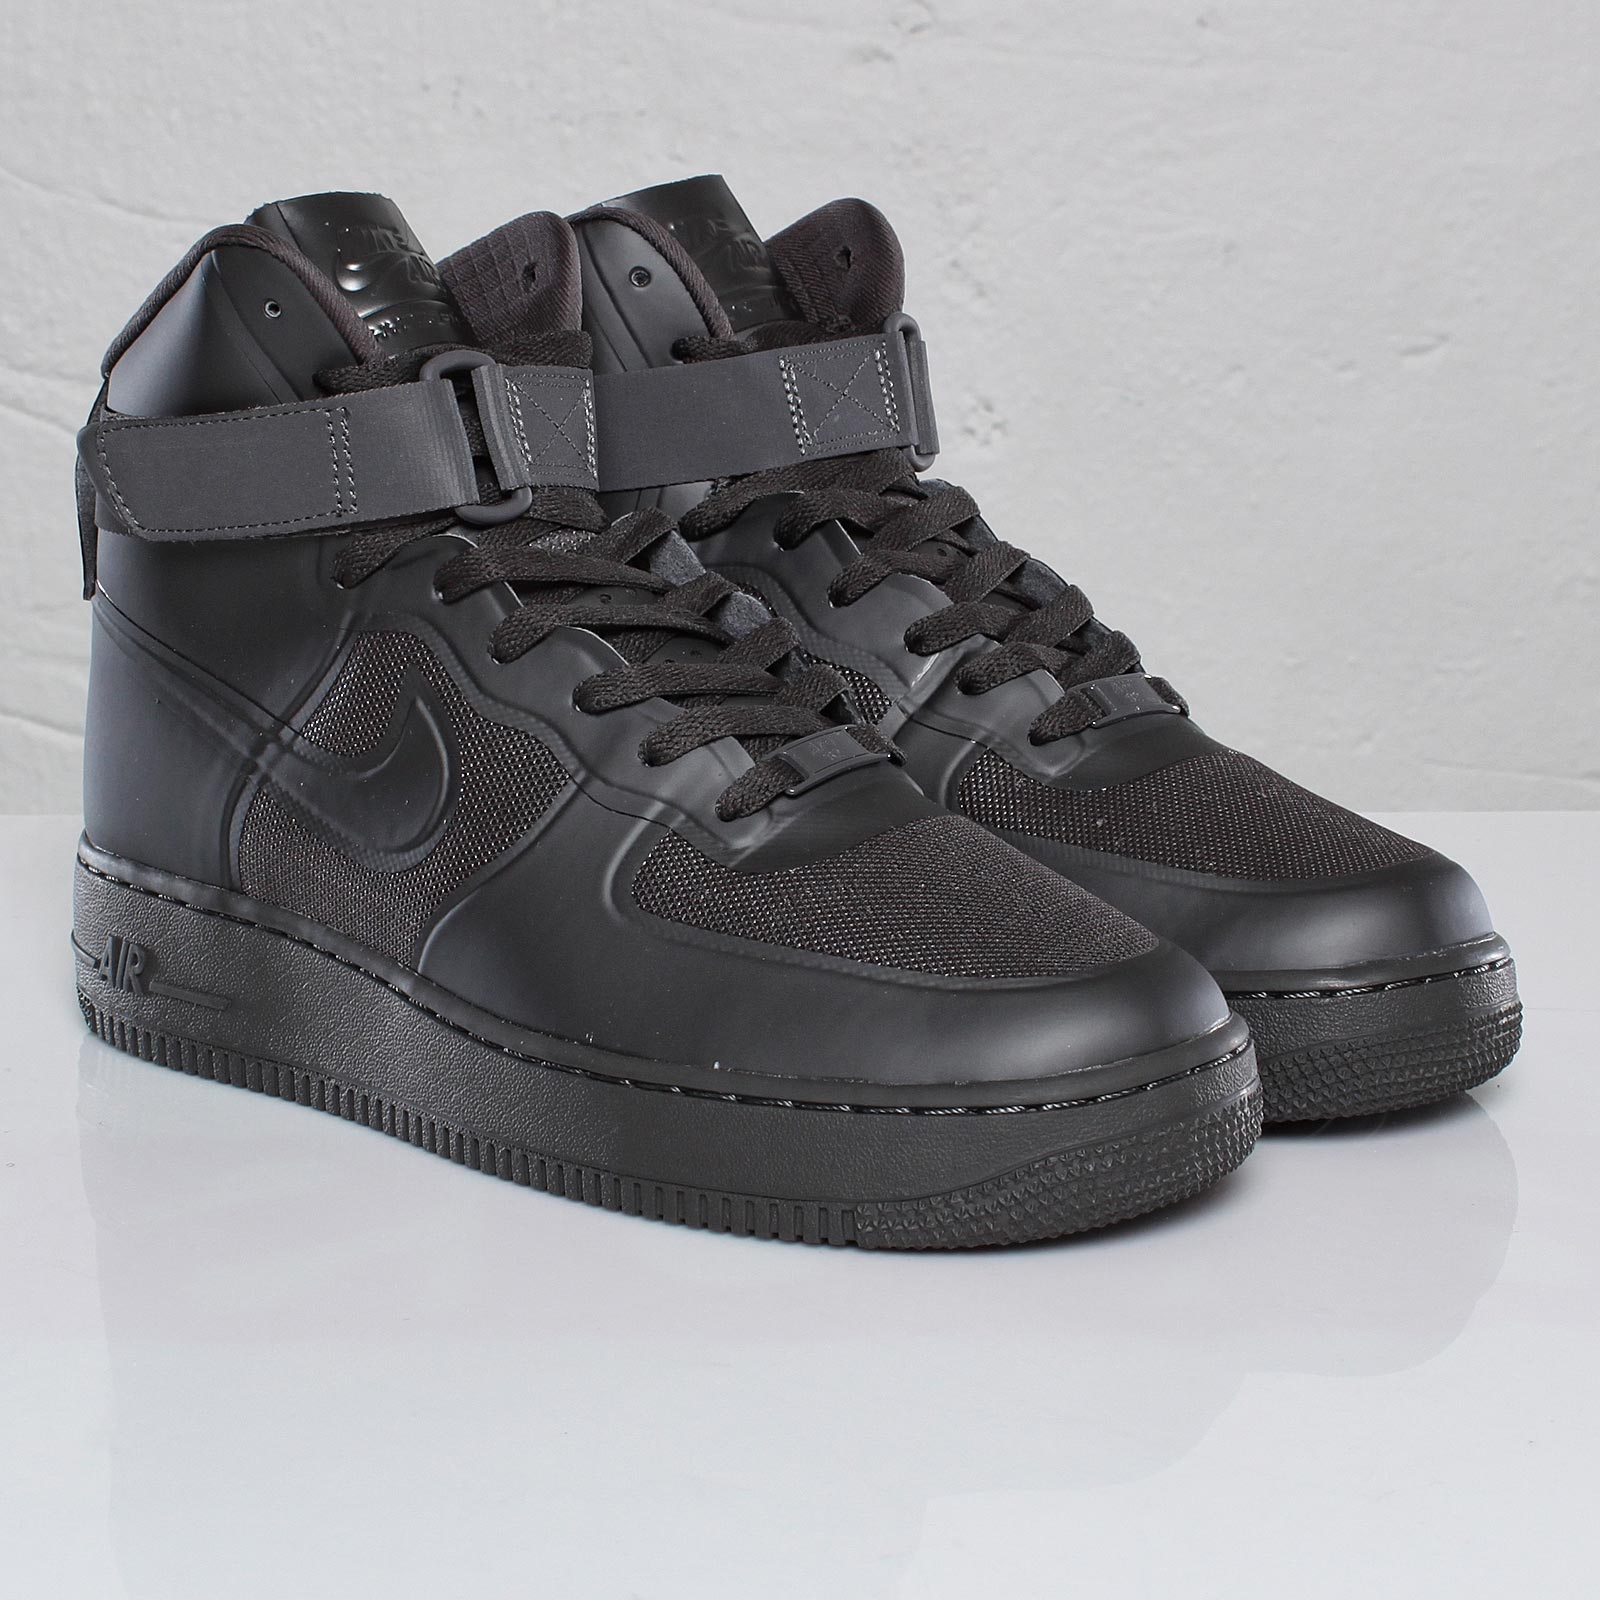 d4ac48f23720 Nike Air Force 1 Hi Hyp Prm - 101554 - Sneakersnstuff